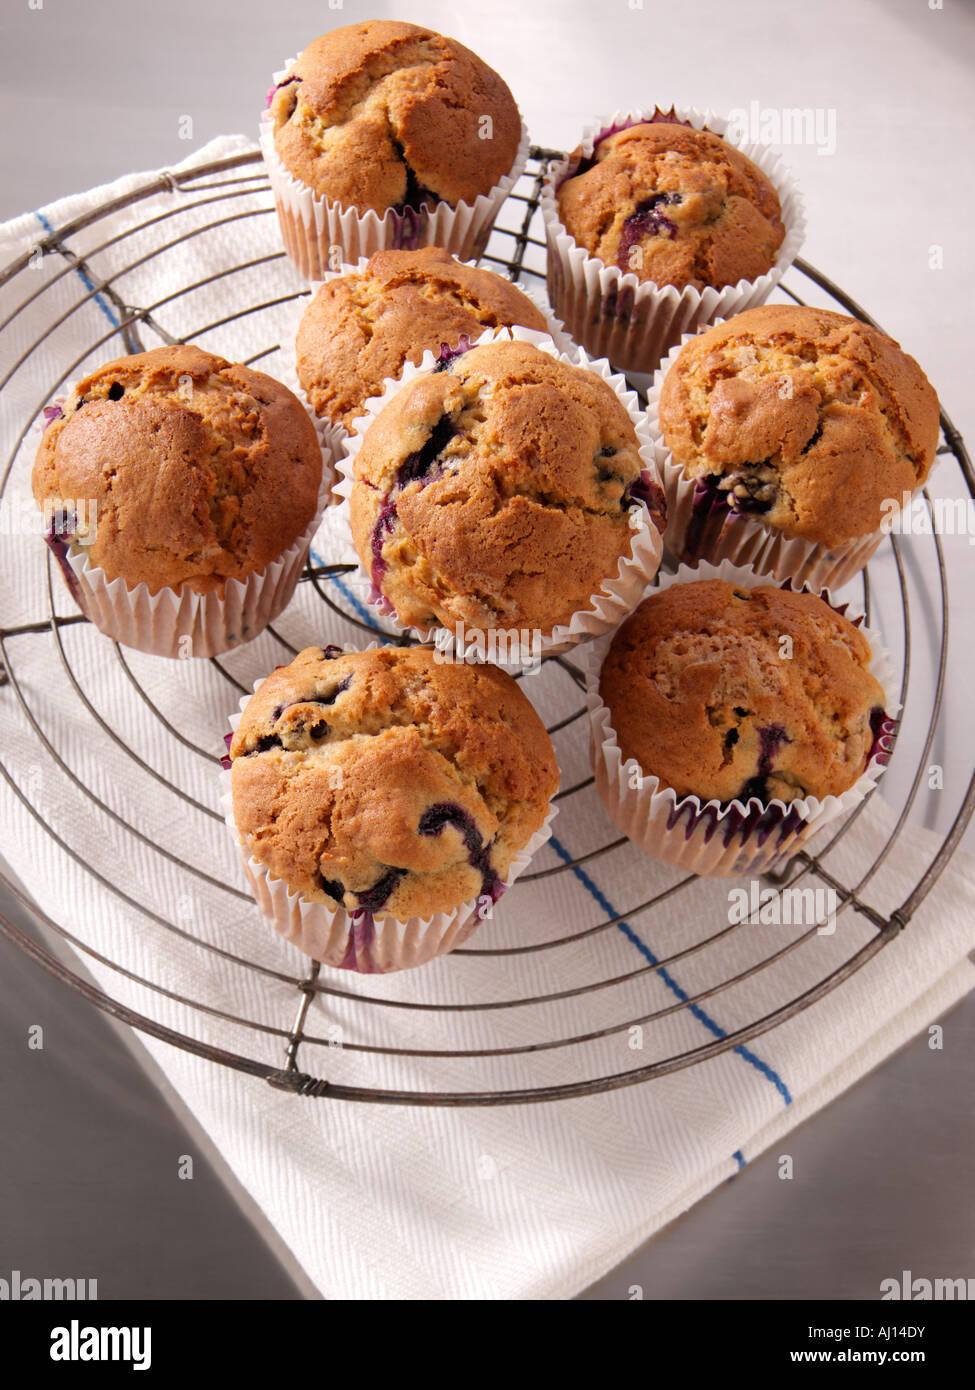 hausgemachte Muffins auf einem Draht Rack redaktionelle Essen ...